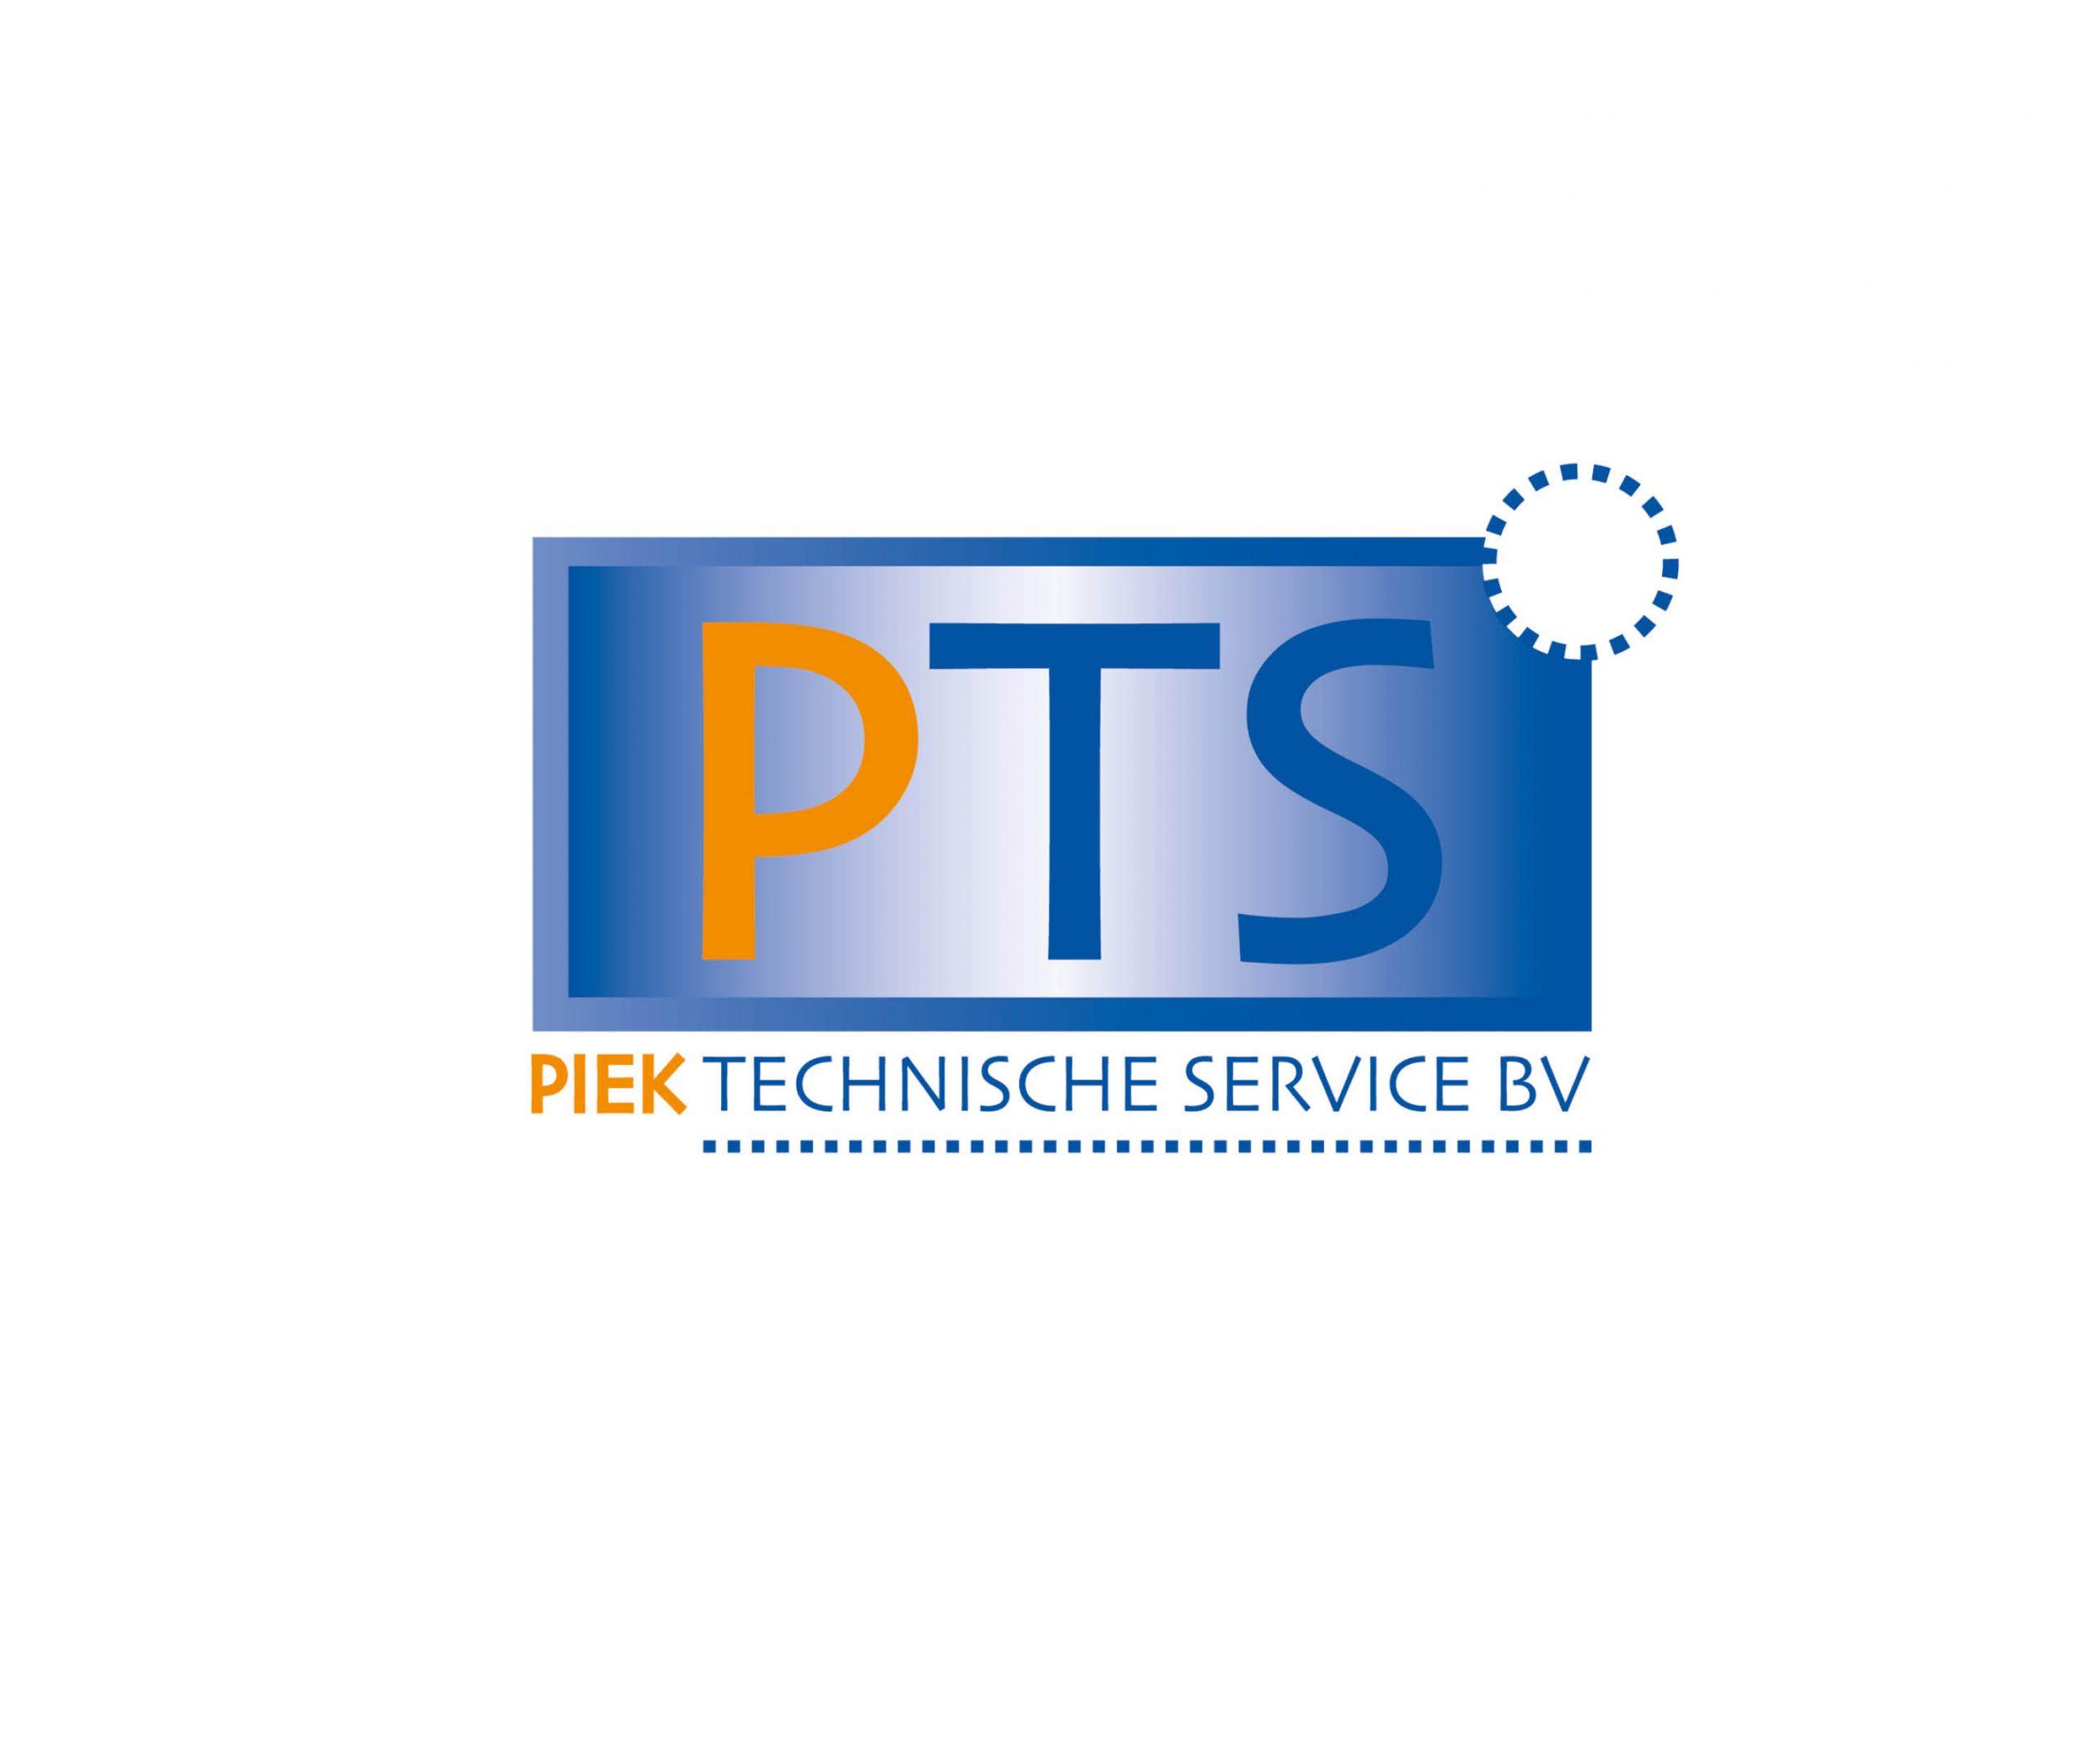 Logo Piek Technische Service BV_EigenDesign